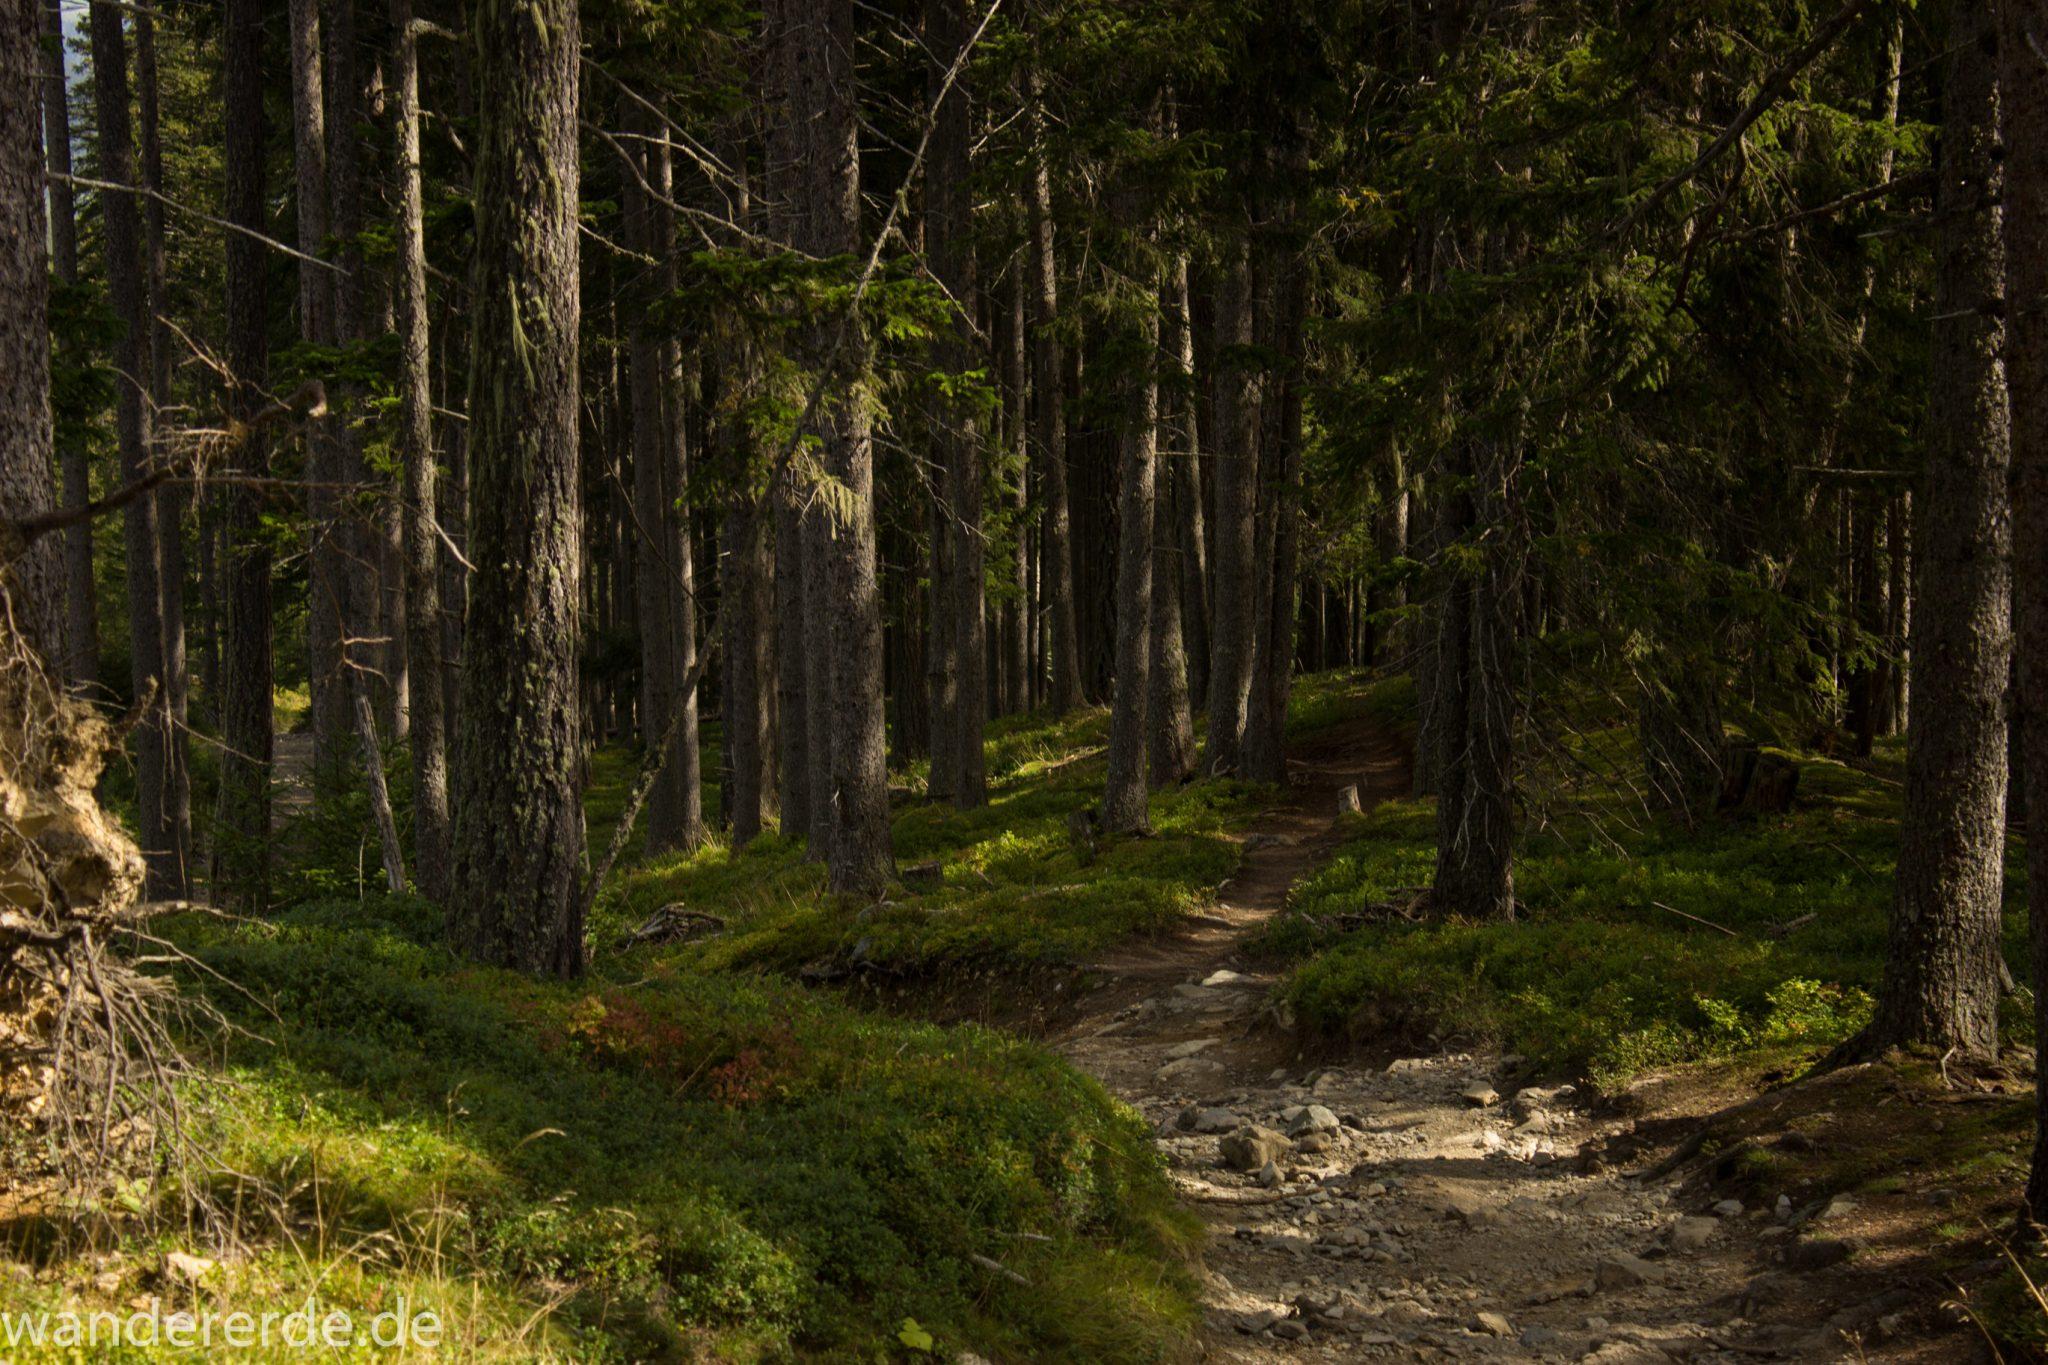 Alpenüberquerung Fernwanderweg E5 Oberstdorf Meran, 4. Etappe von Skihütte Zams zur Braunschweiger Hütte, von der Bergstation der Venet Bergbahn über Venetrundweg und dann auf schönem Wanderweg weiter nach Wenns durch schönen, dichten und grünen Wald ist der Wanderweg hier nicht so steil abwärts, grüne Vegetation, herrliches Wanderwetter bei strahlendem Sonnenschein